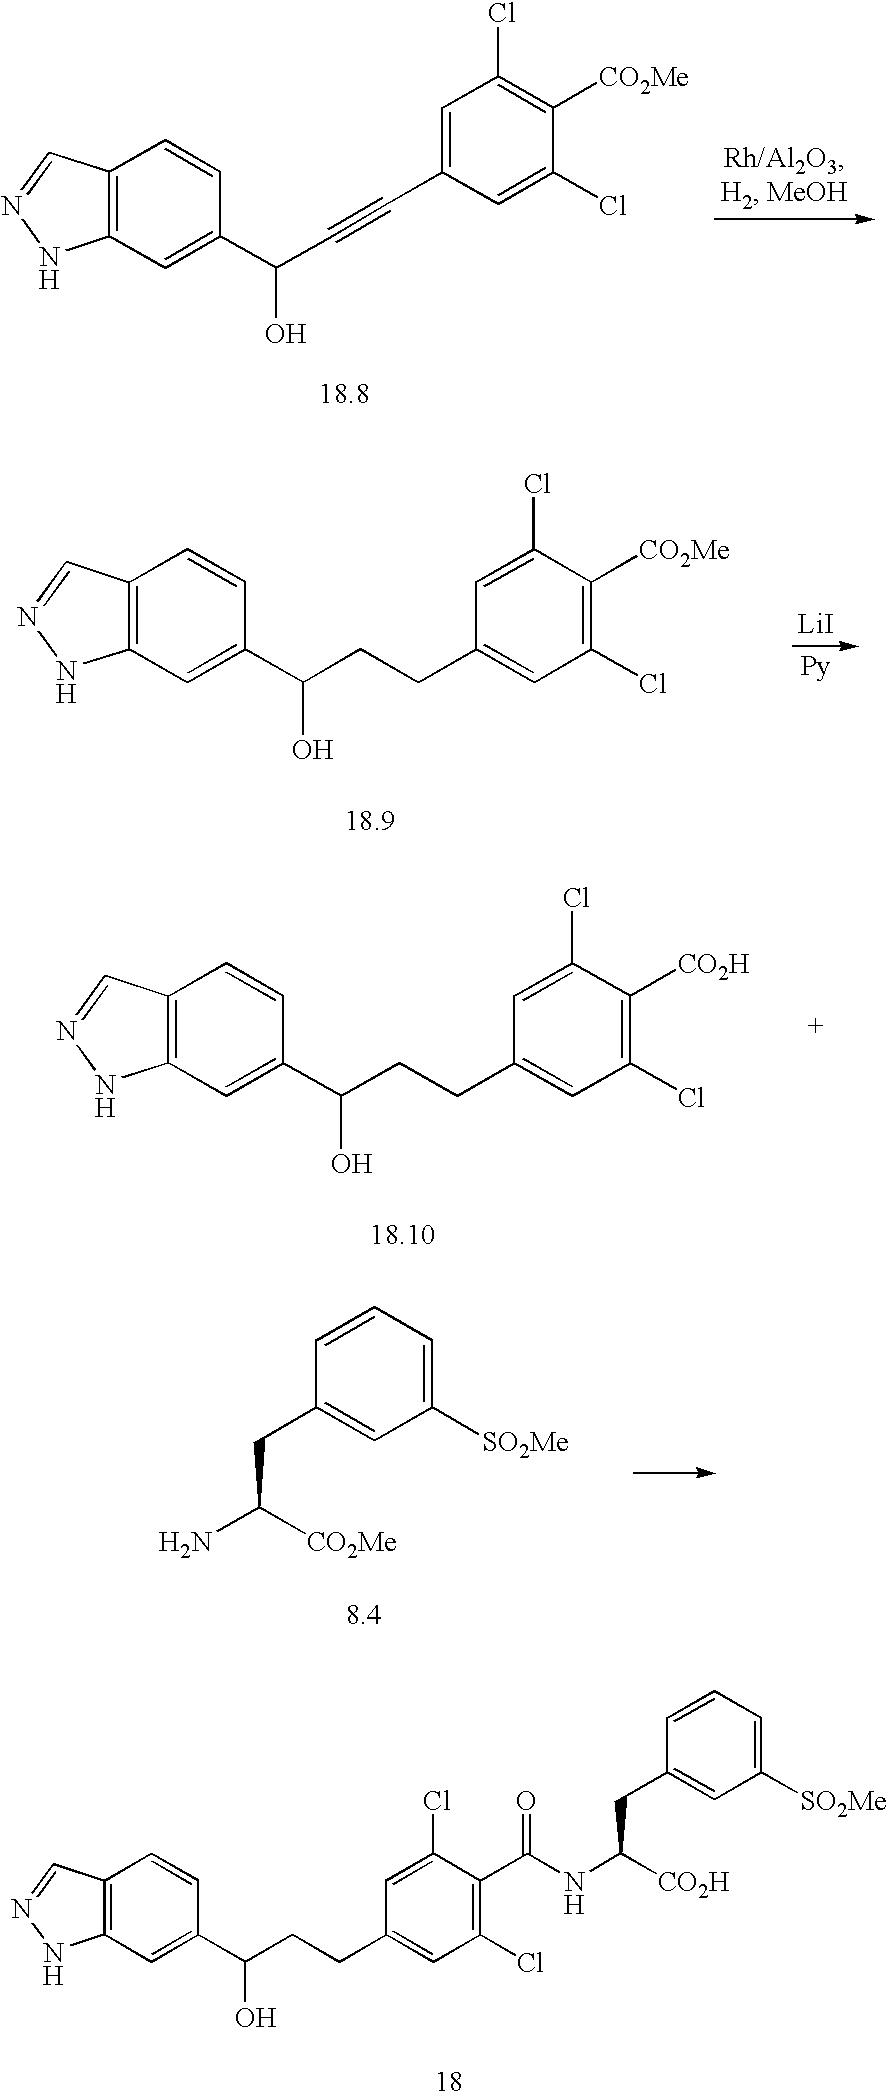 Figure US07790743-20100907-C00127